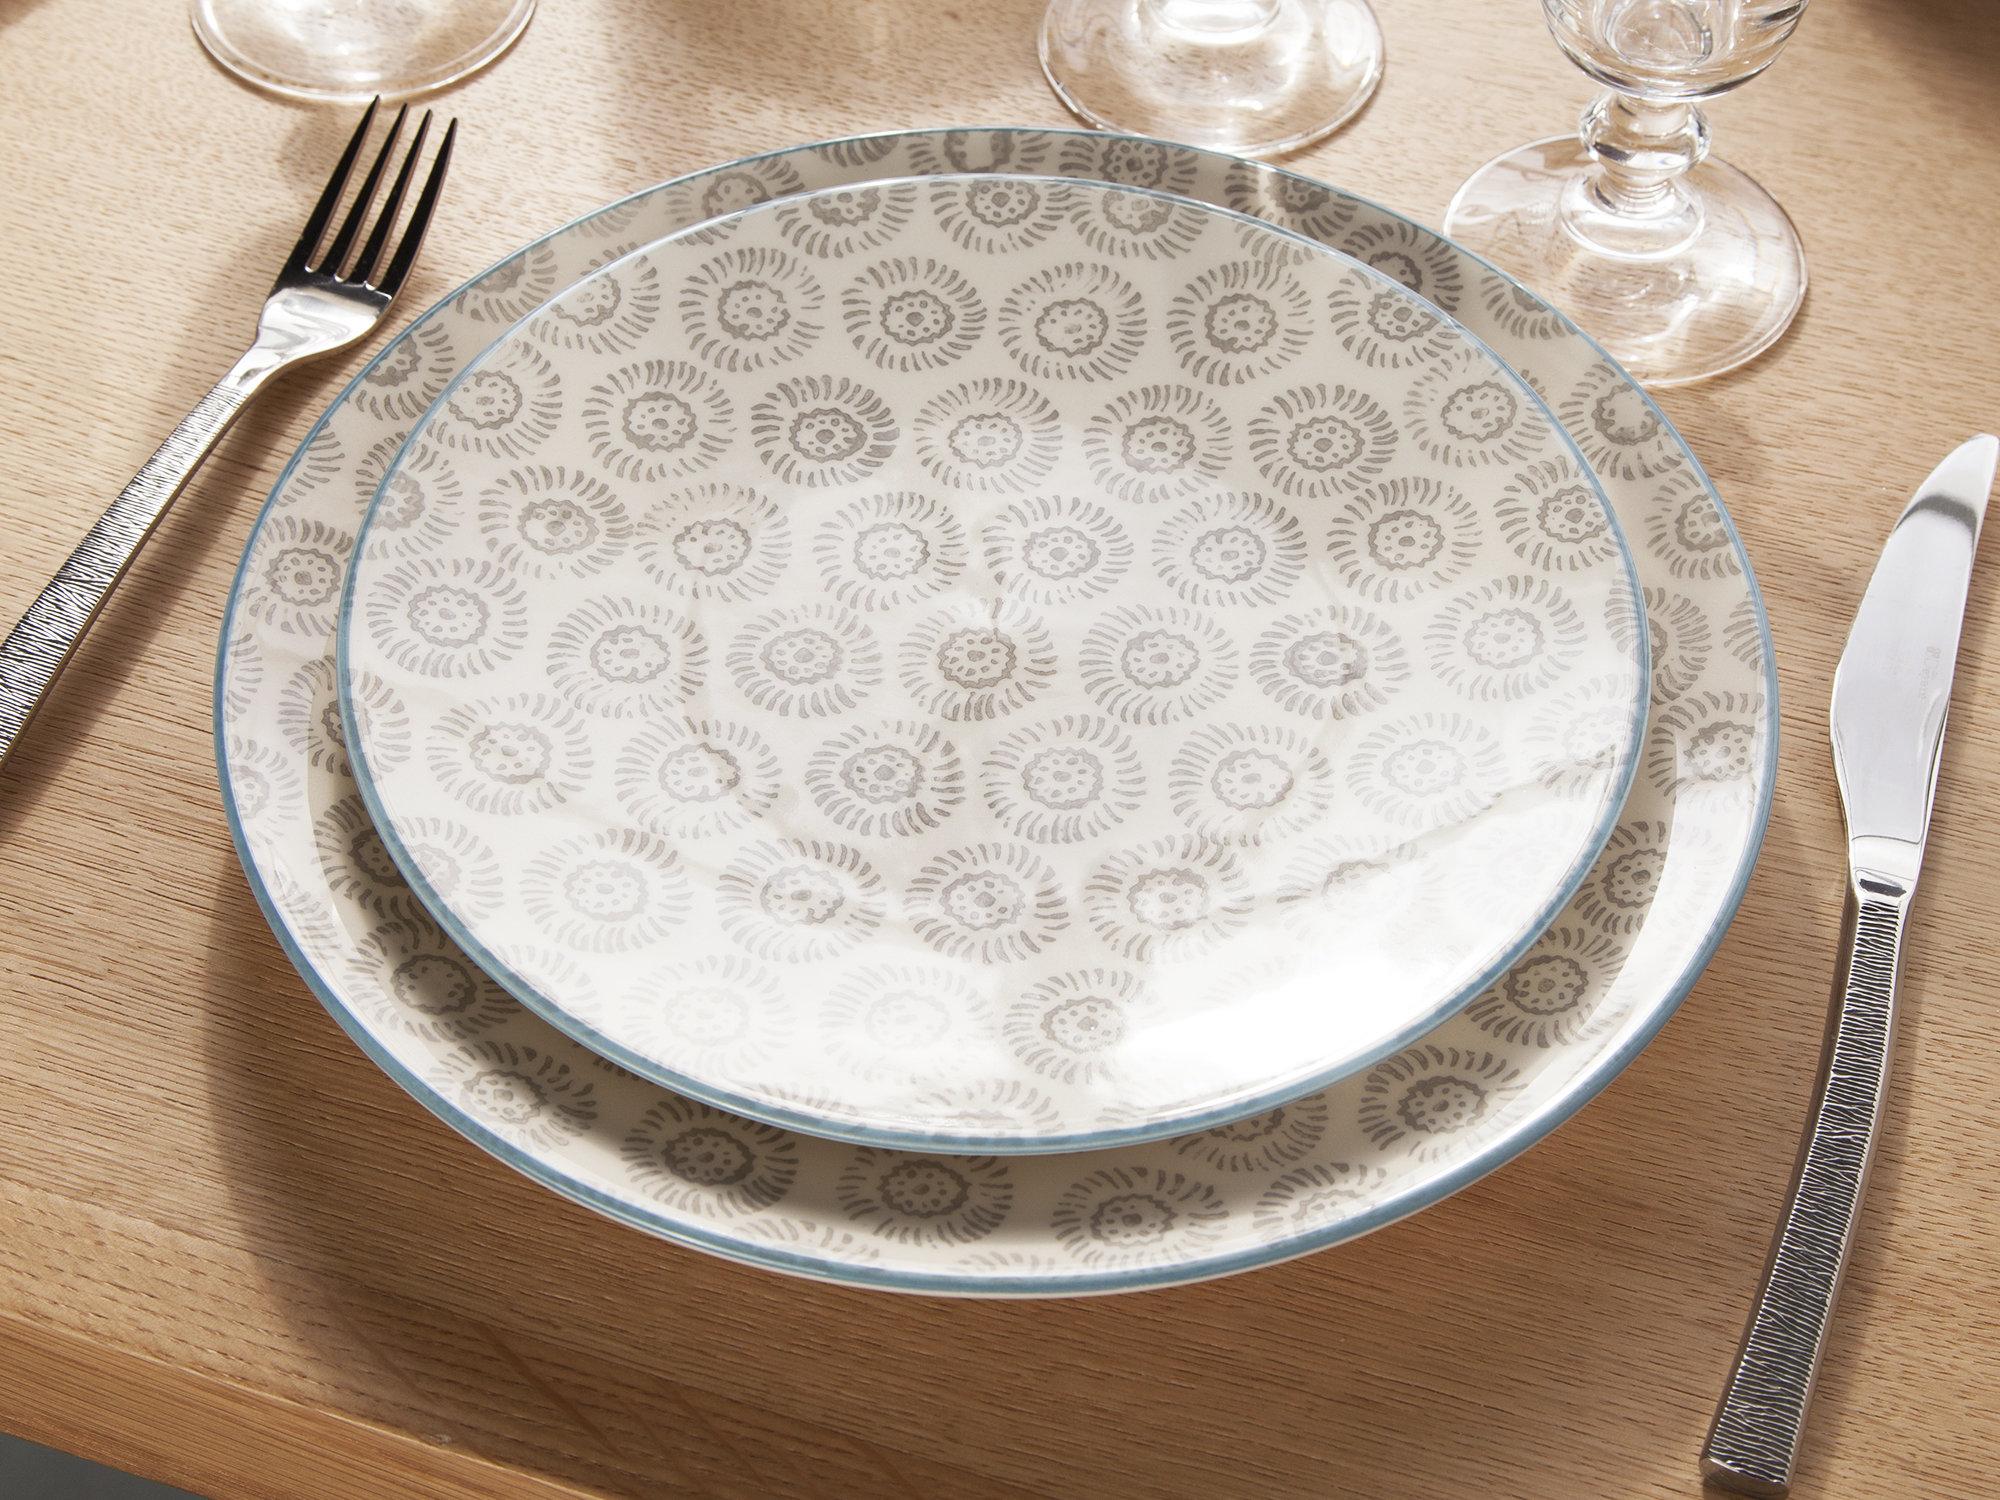 72696a134ebcc8 avis service de table peint a la main - Vaisselle Maison